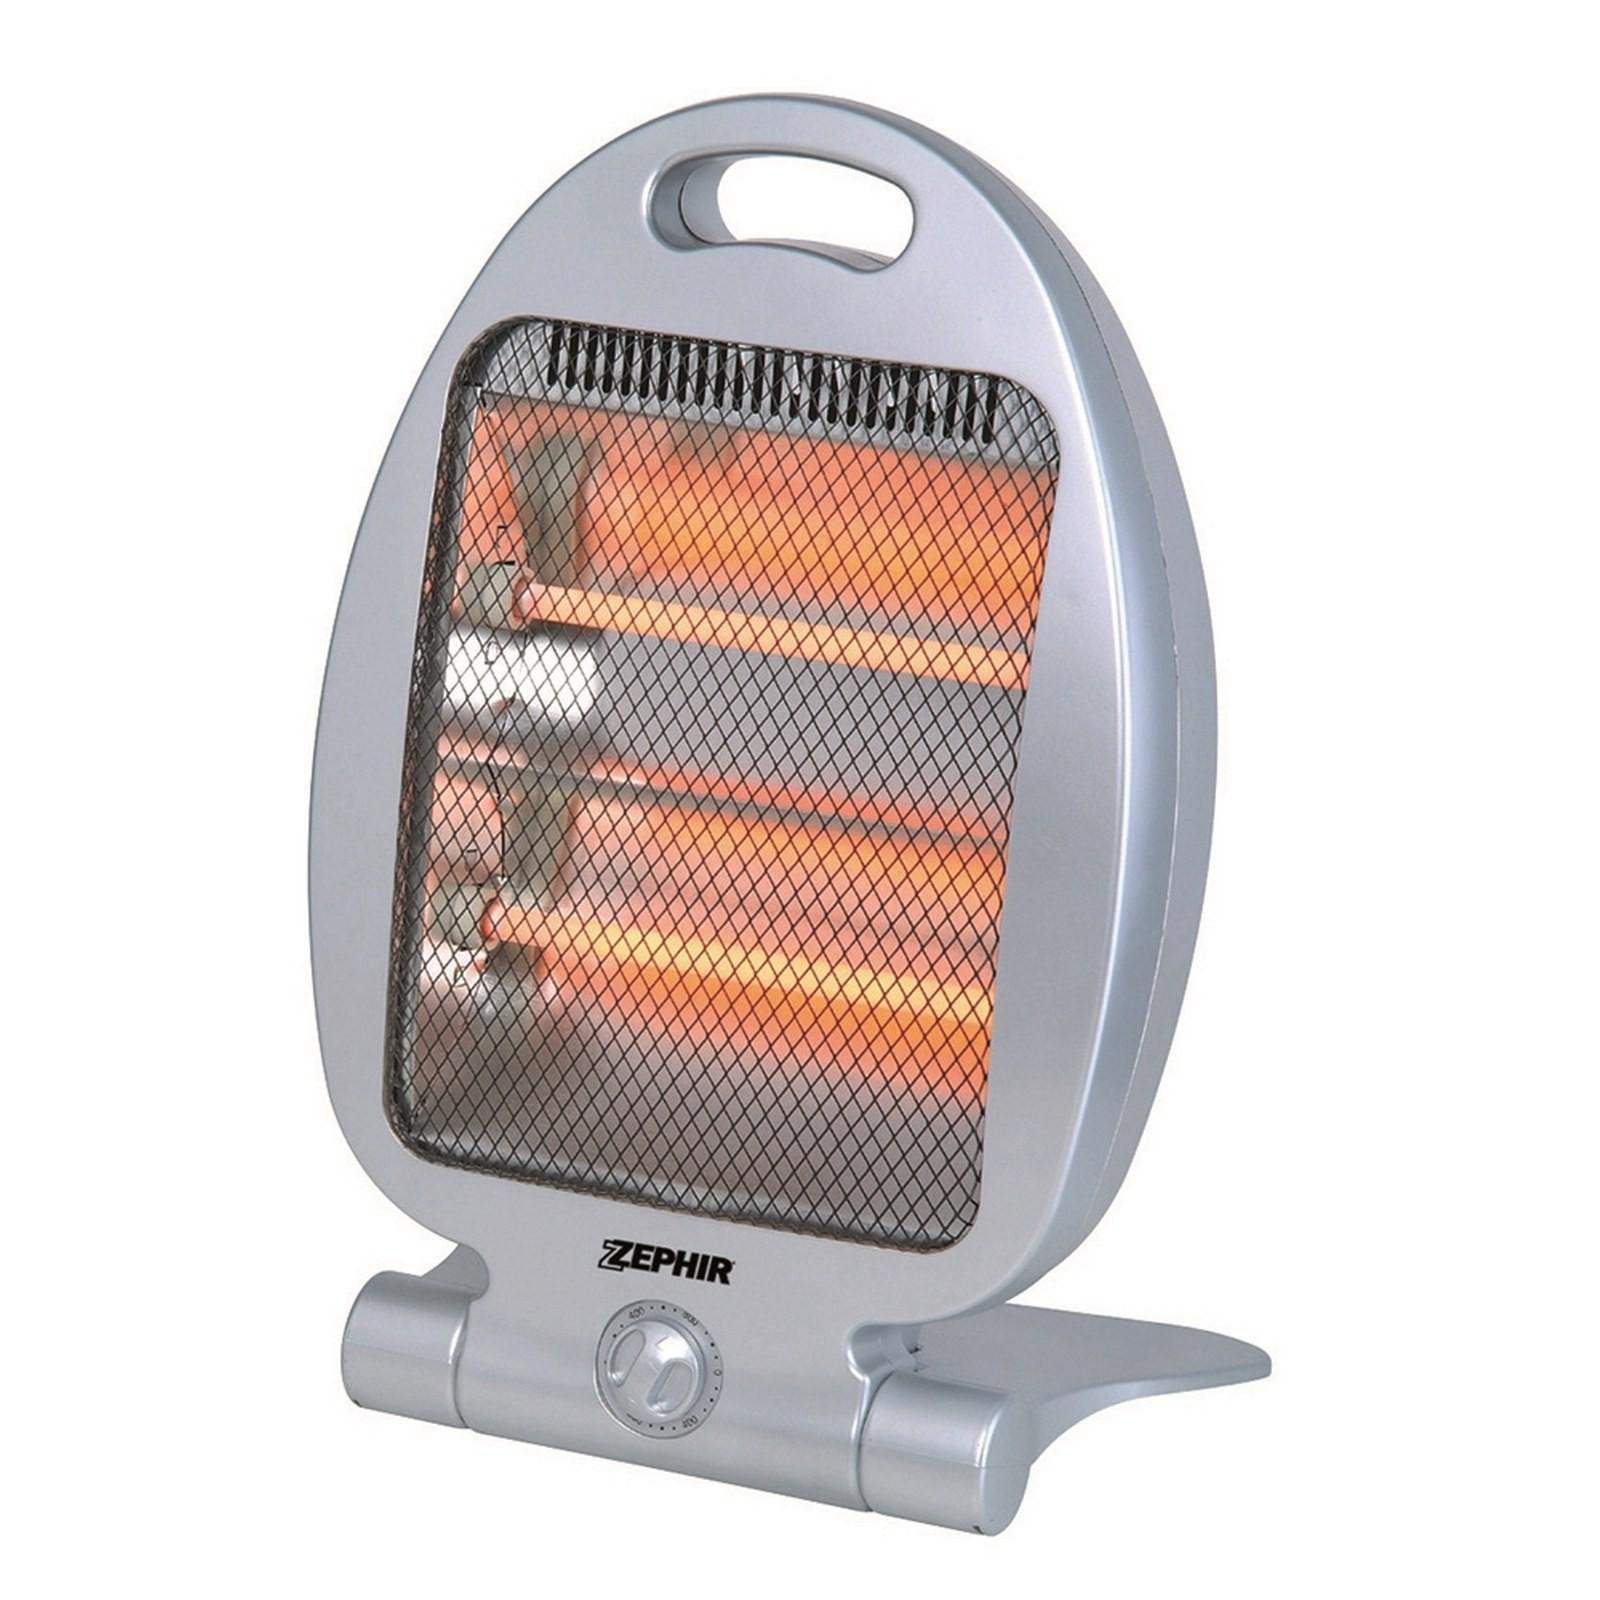 caldobagno stufa elettrica bagno riscaldamento 2 potenze 800 watt zephir